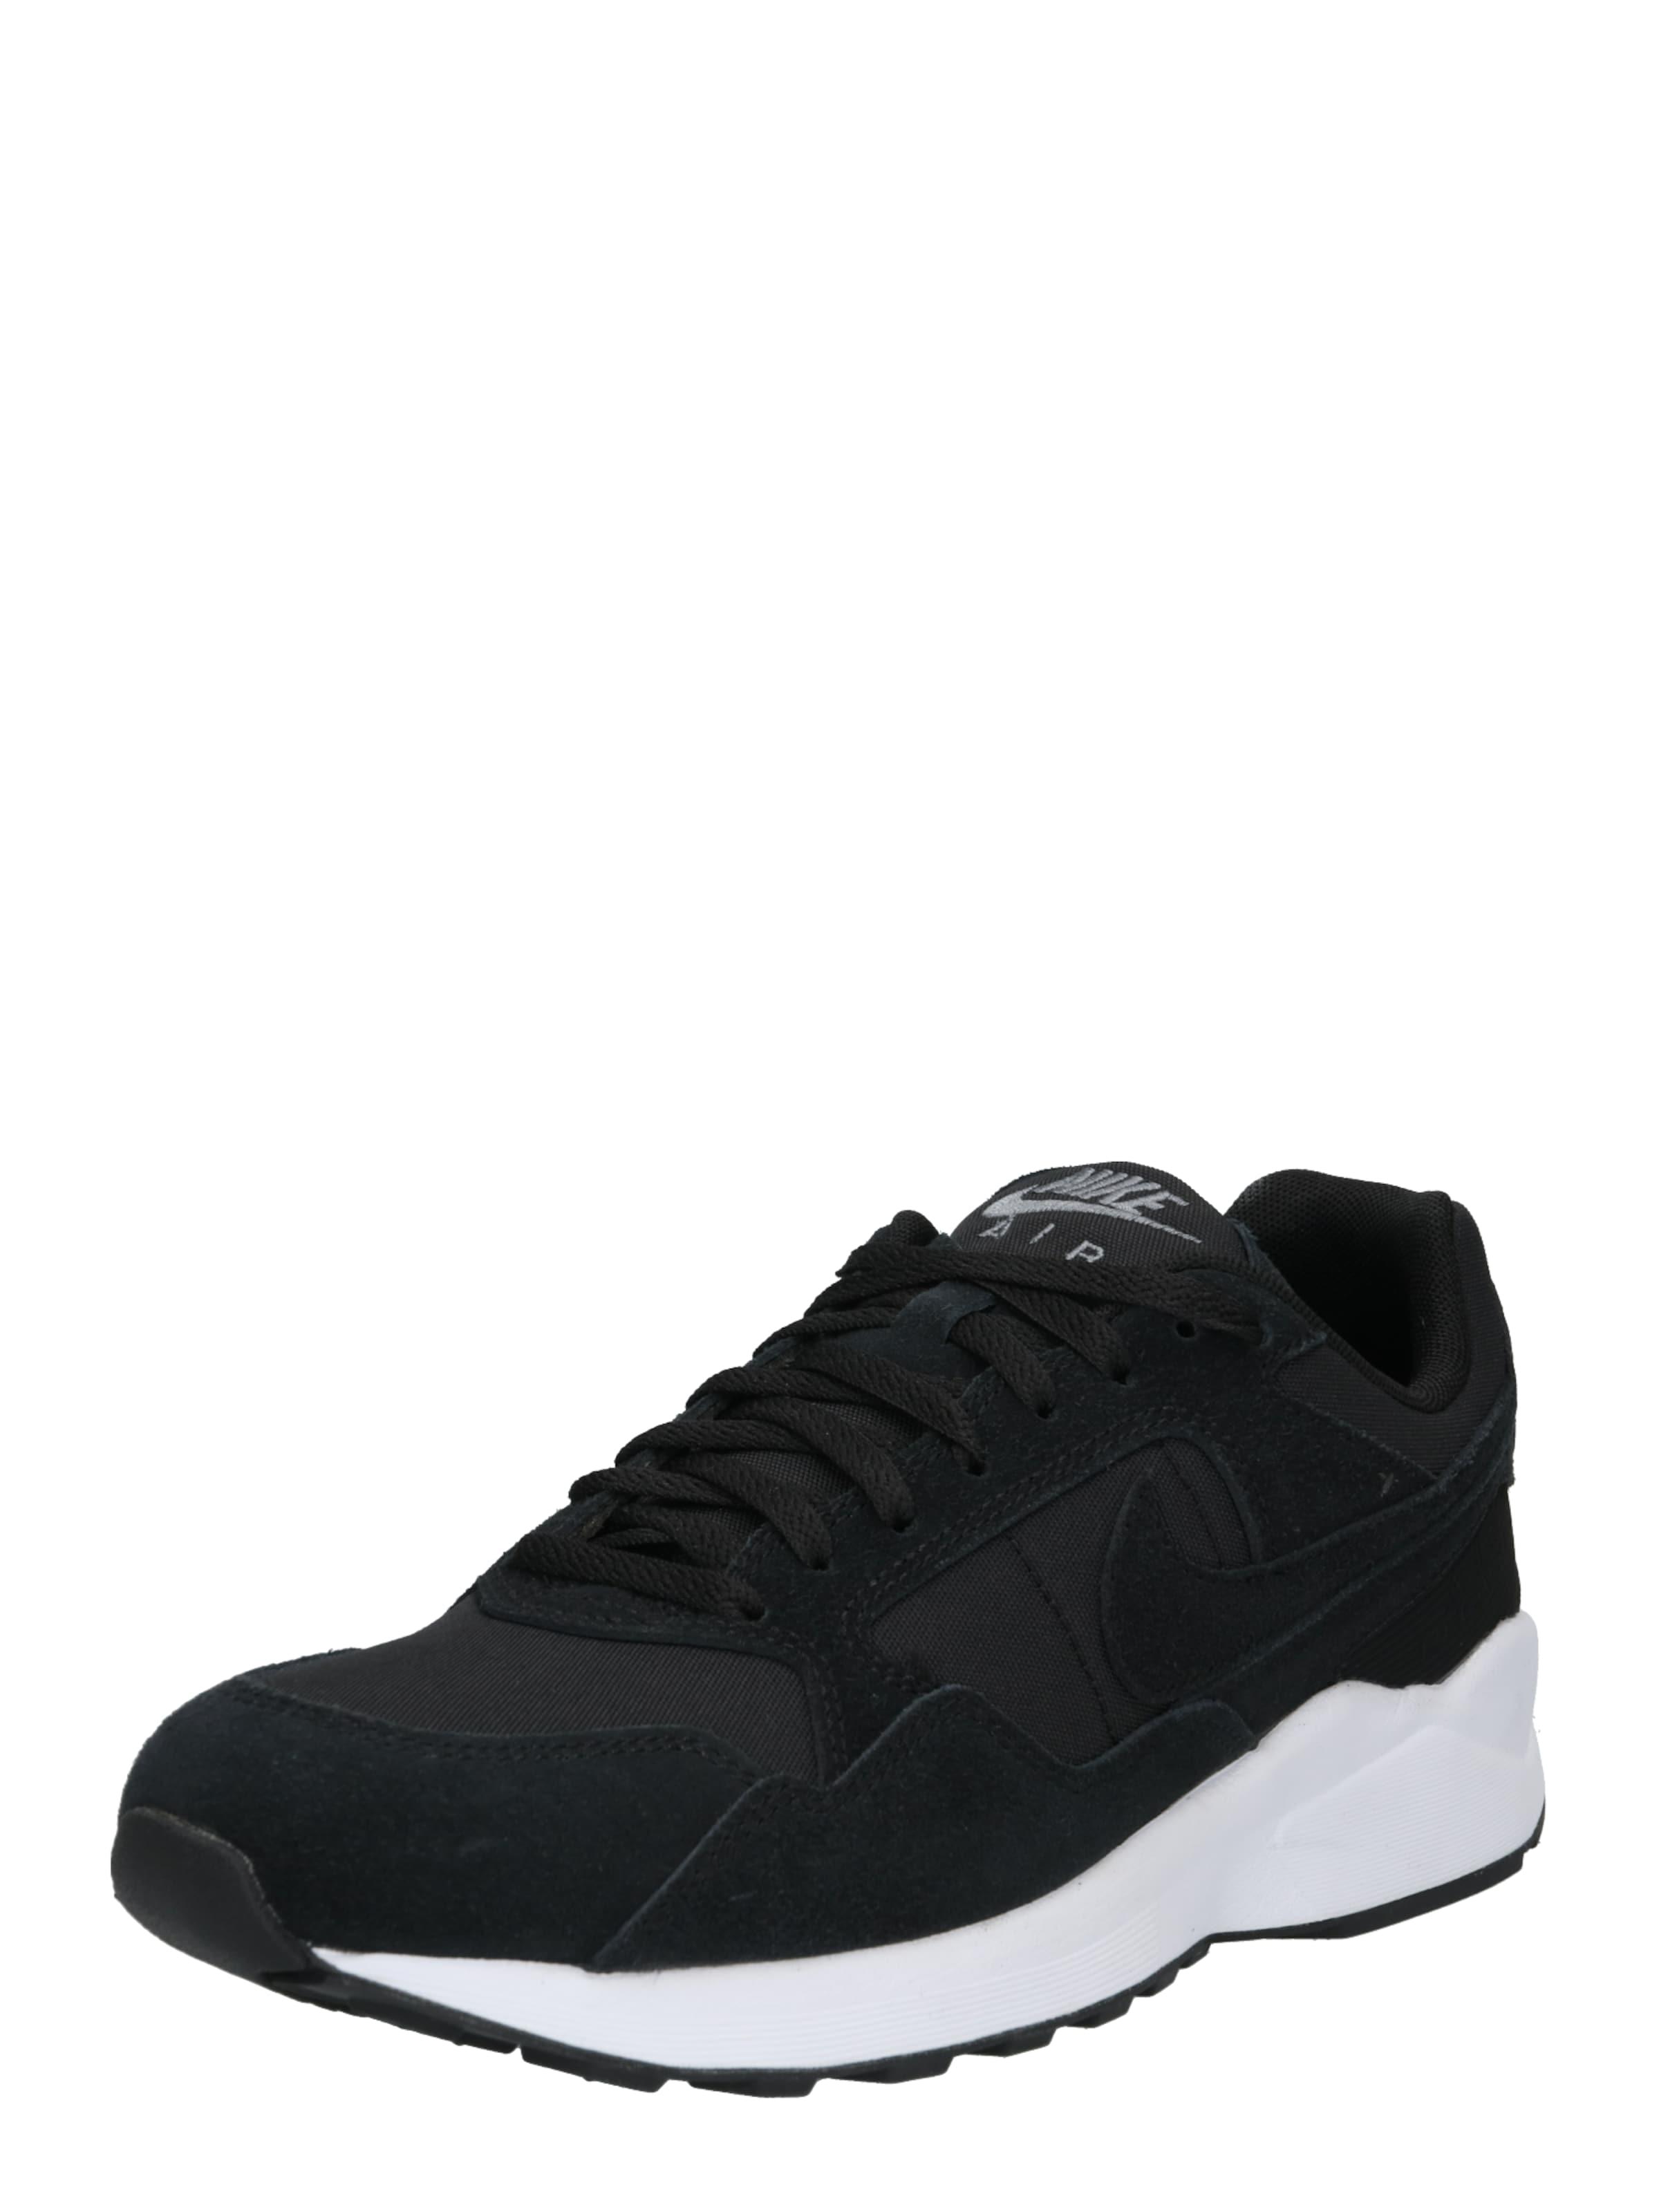 '92 Nike Sportswear In Sneaker Se' 'air Lite Pegasus SchwarzWeiß m8nwN0vO